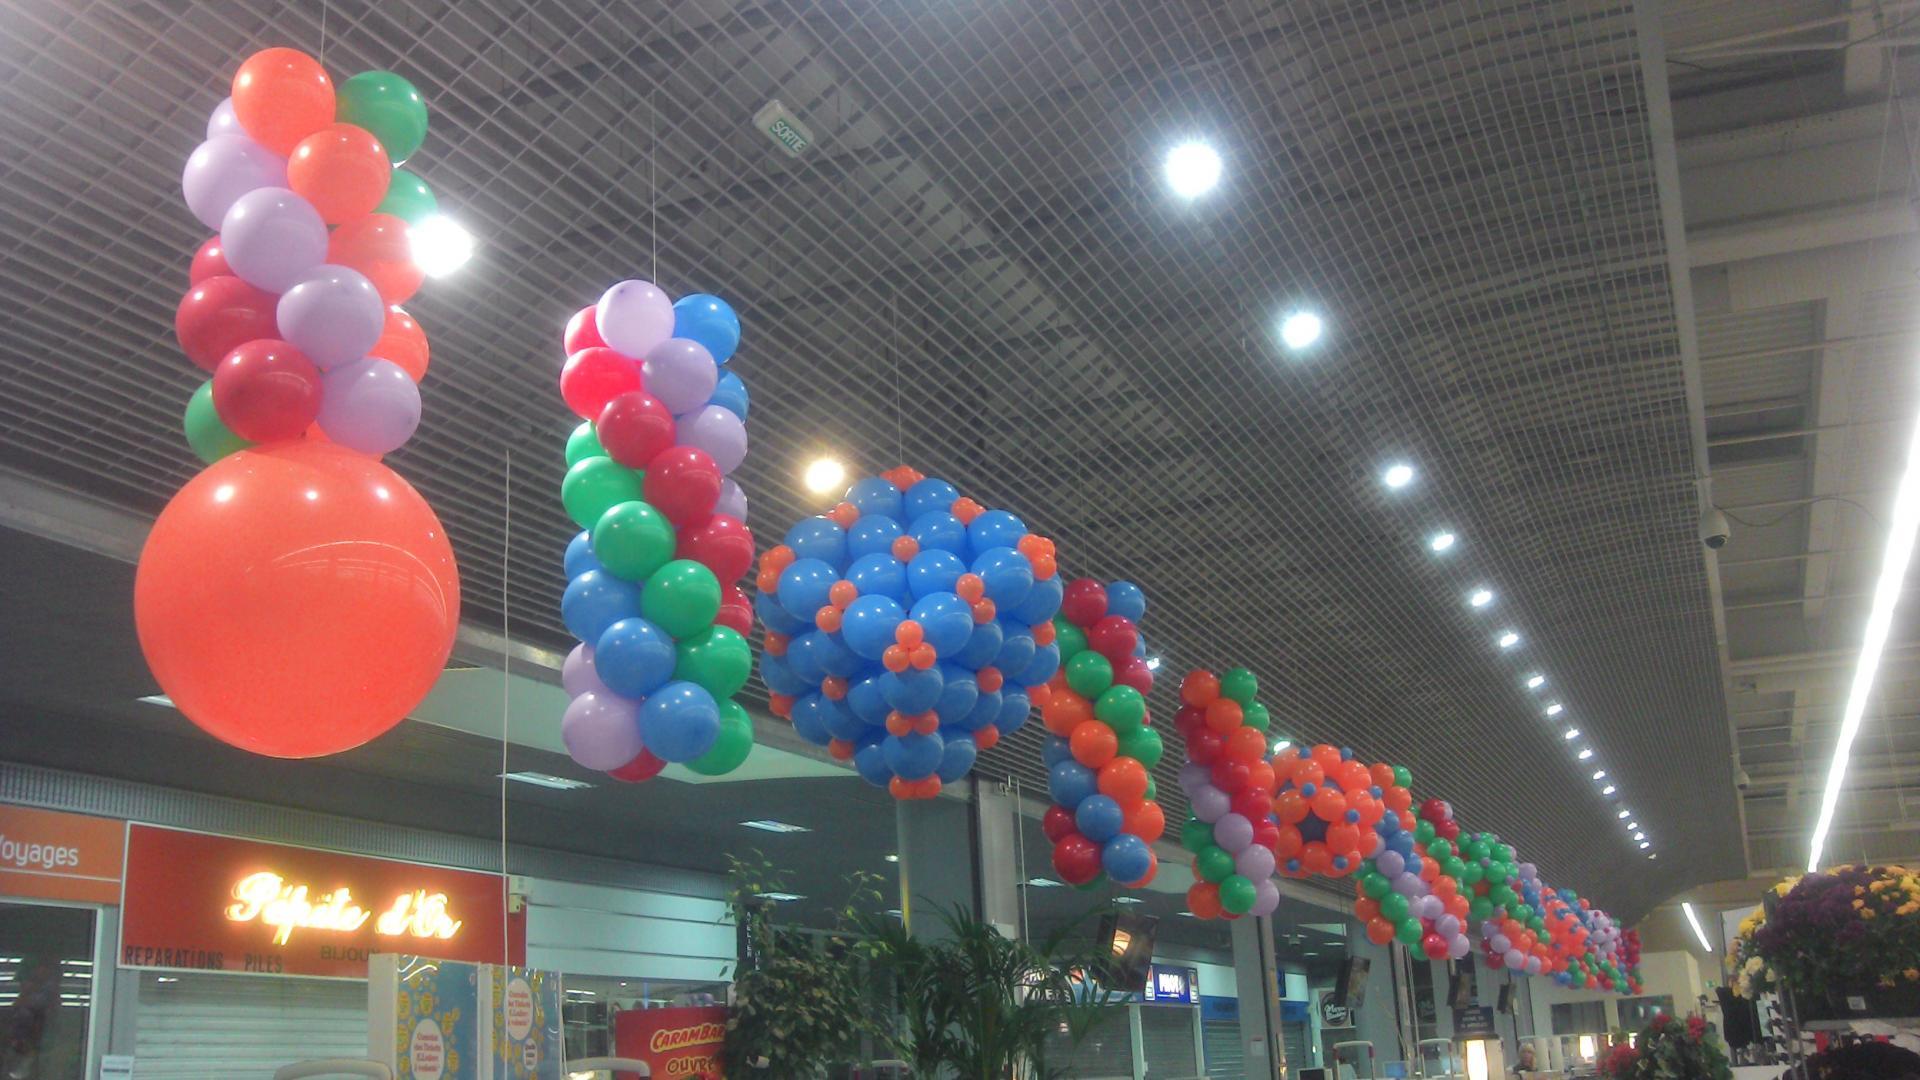 Structure de ballon décor ligne de caisses Leclerc